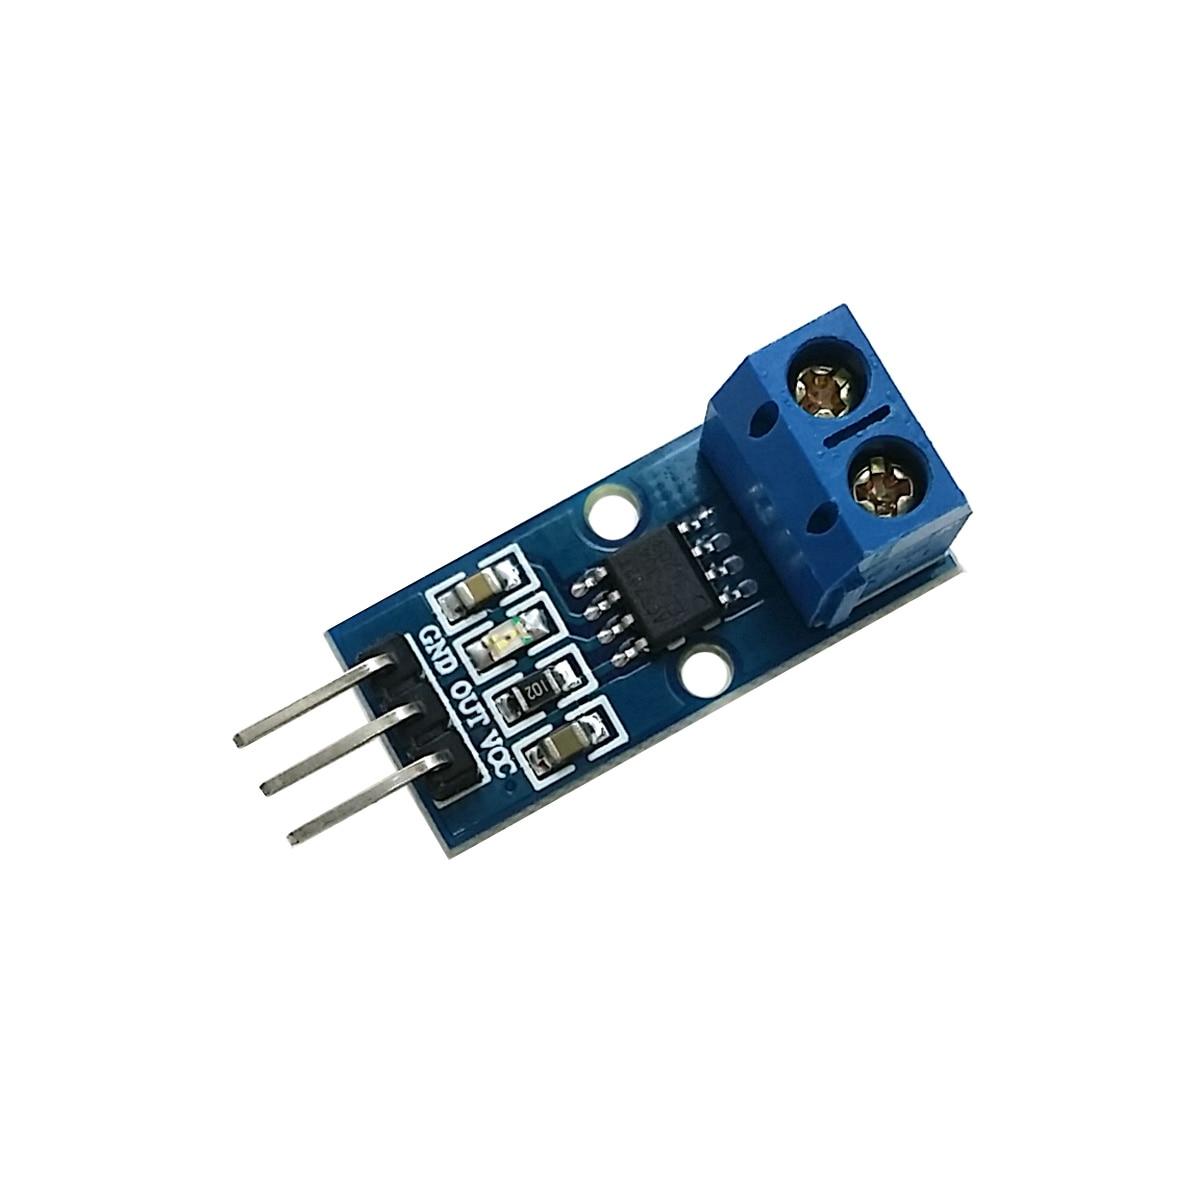 2Pcs ACS712ELCTR-30A-T Current 30A Bi 5V Sensor SOP8 Ic New ik